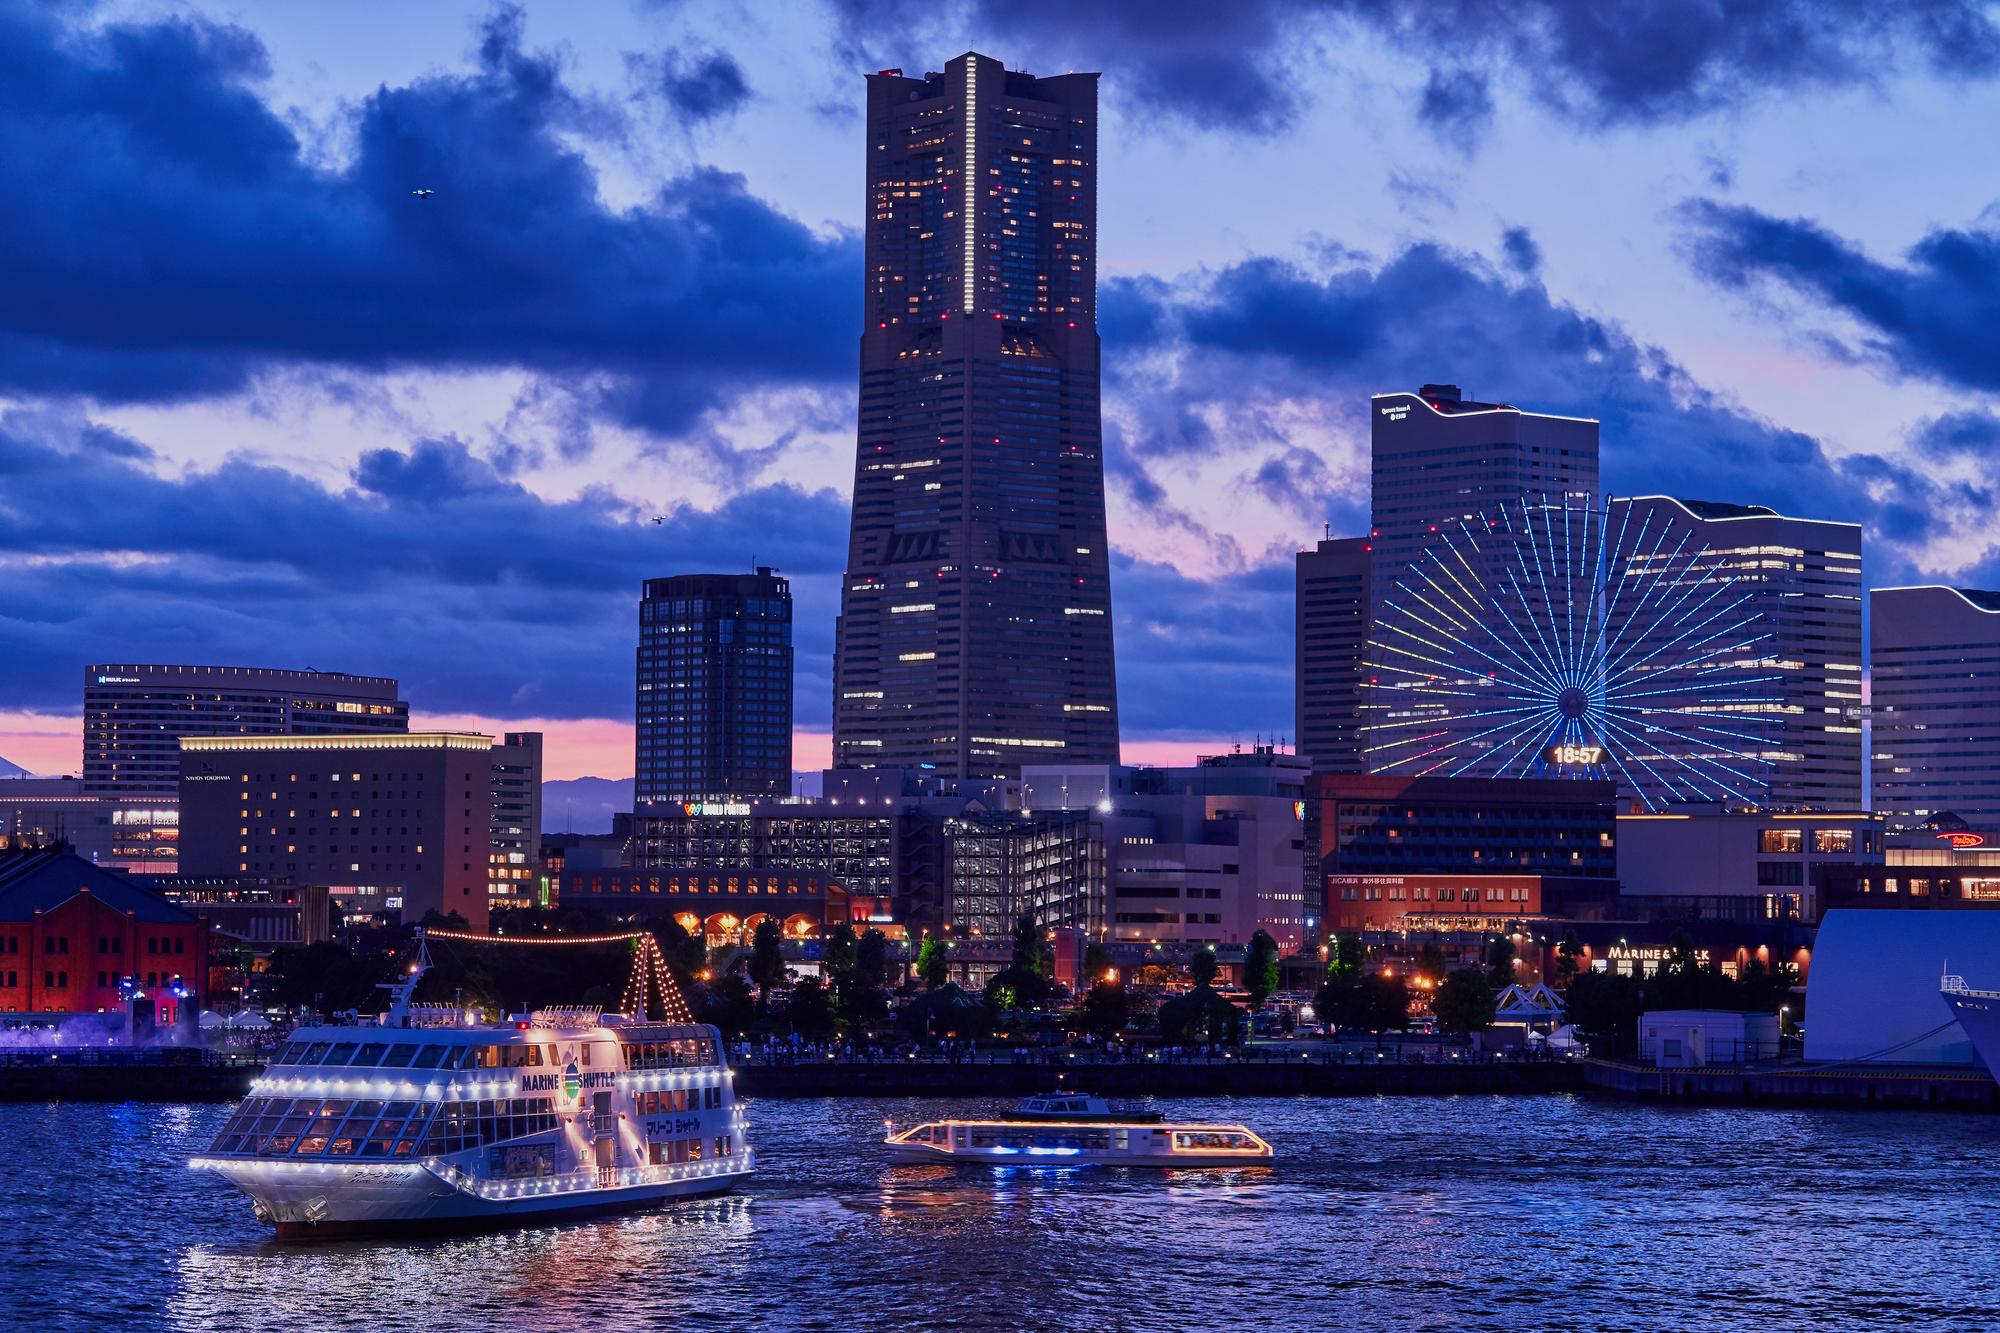 横浜港周辺の美しい夜景